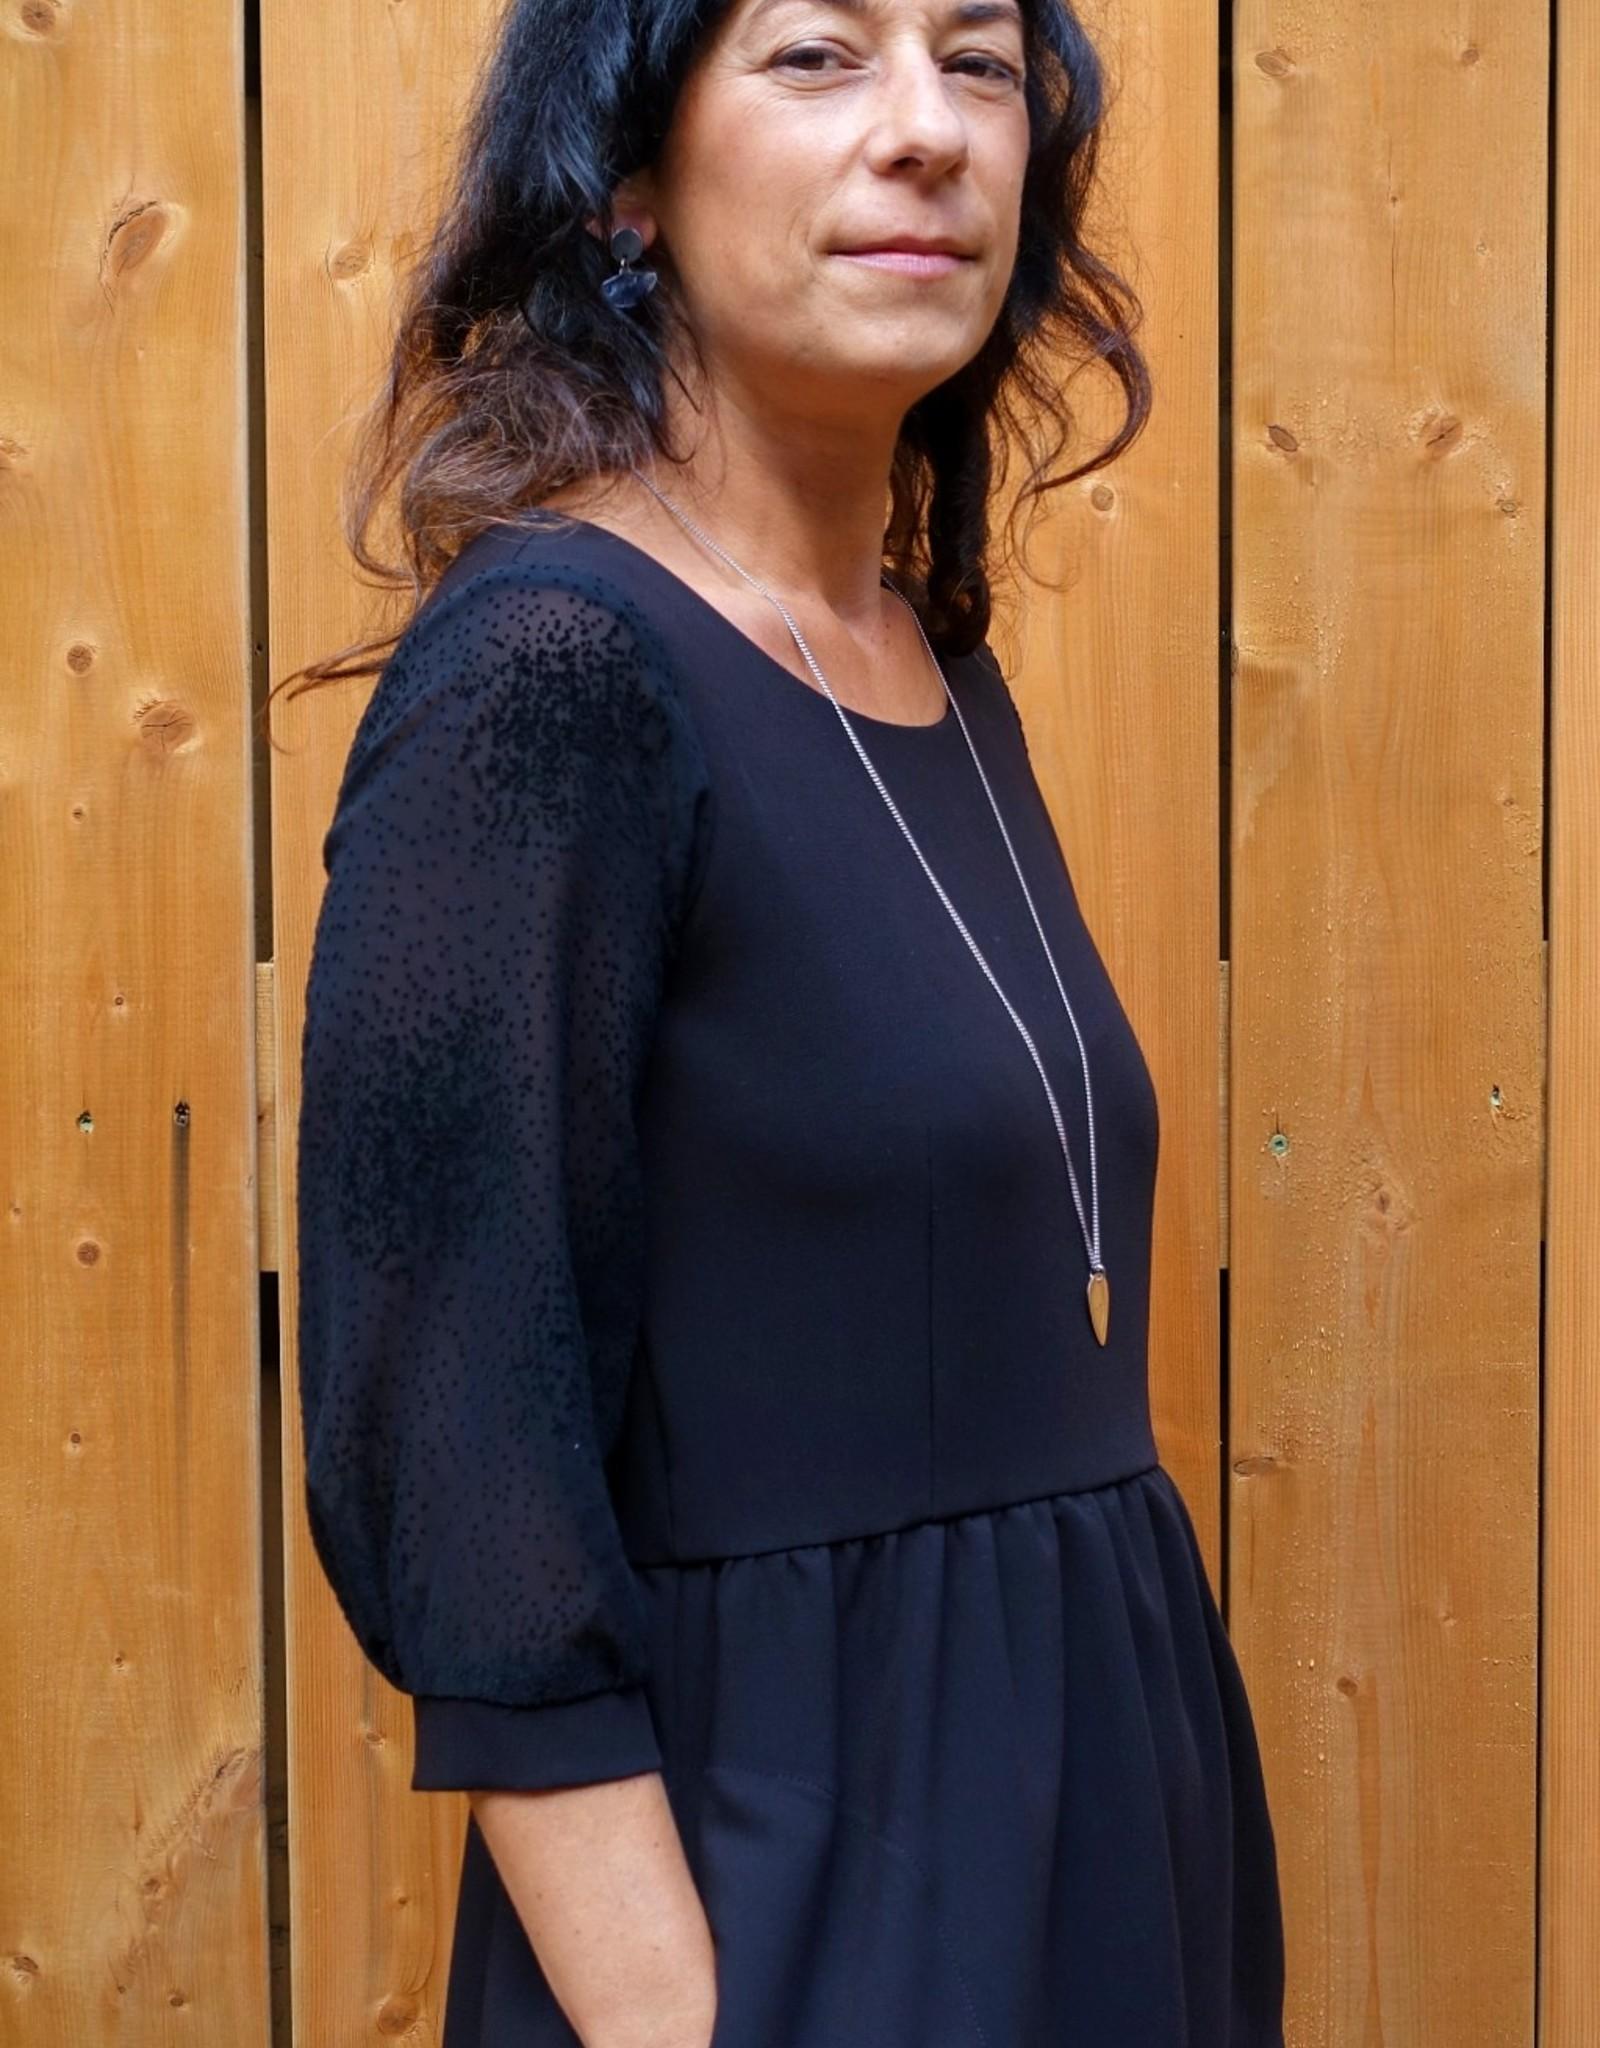 Eve Lavoie Robe Patti AH2021 Ève Lavoie Noir/ Manches transparentes